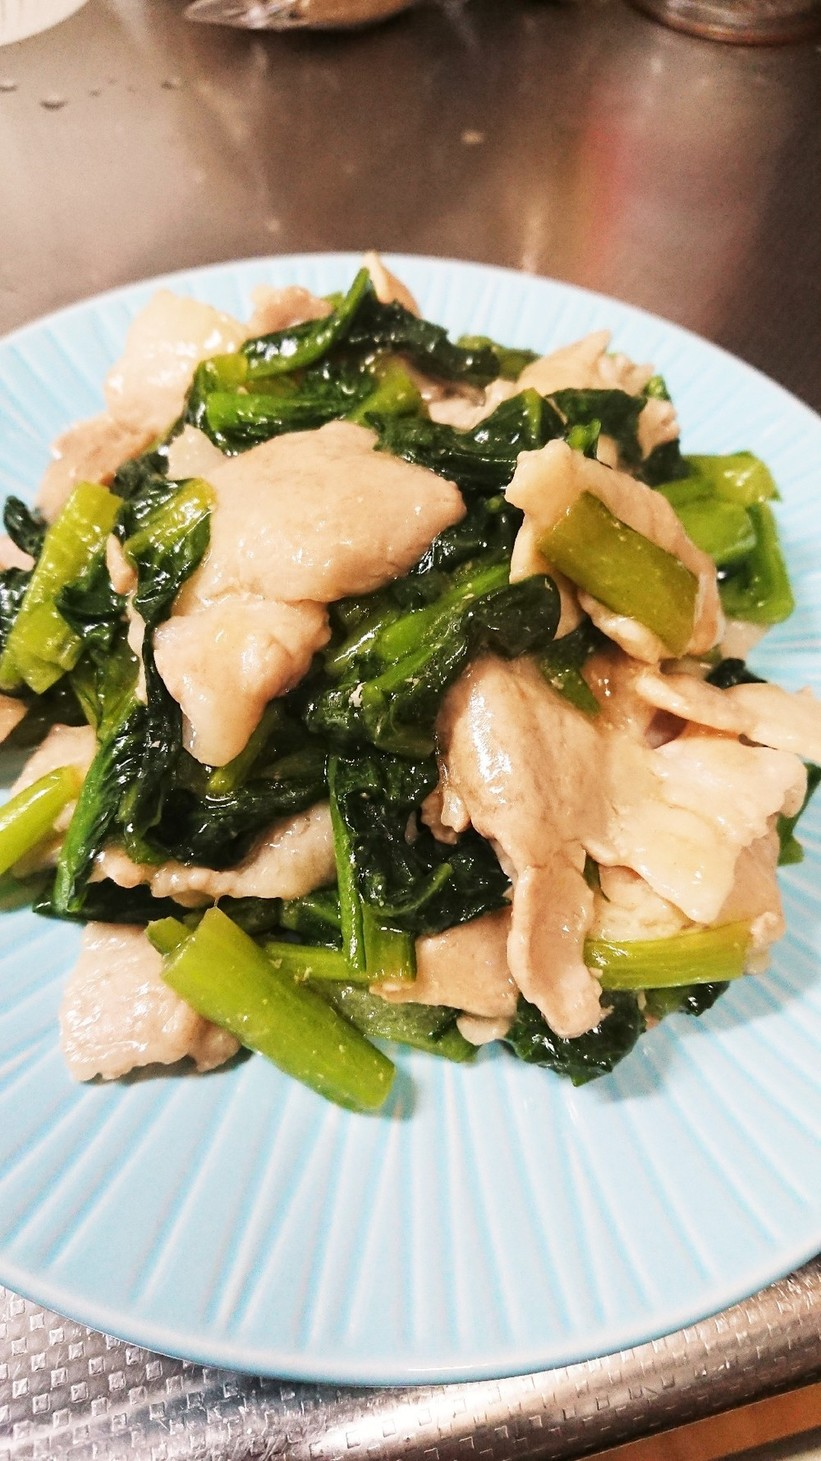 小松菜と豚バラの炒め物